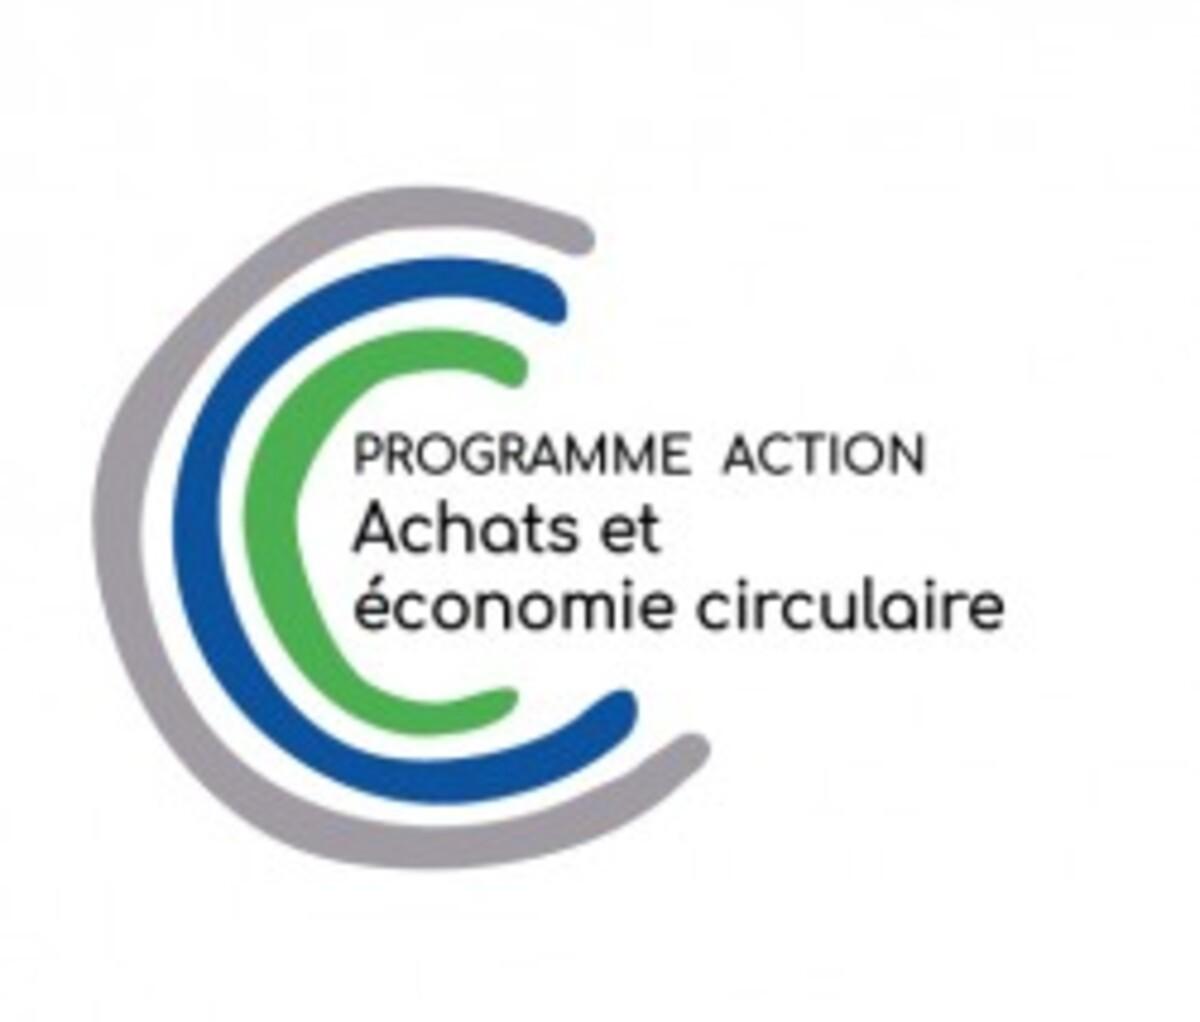 Programme action : achats et économie circulaire